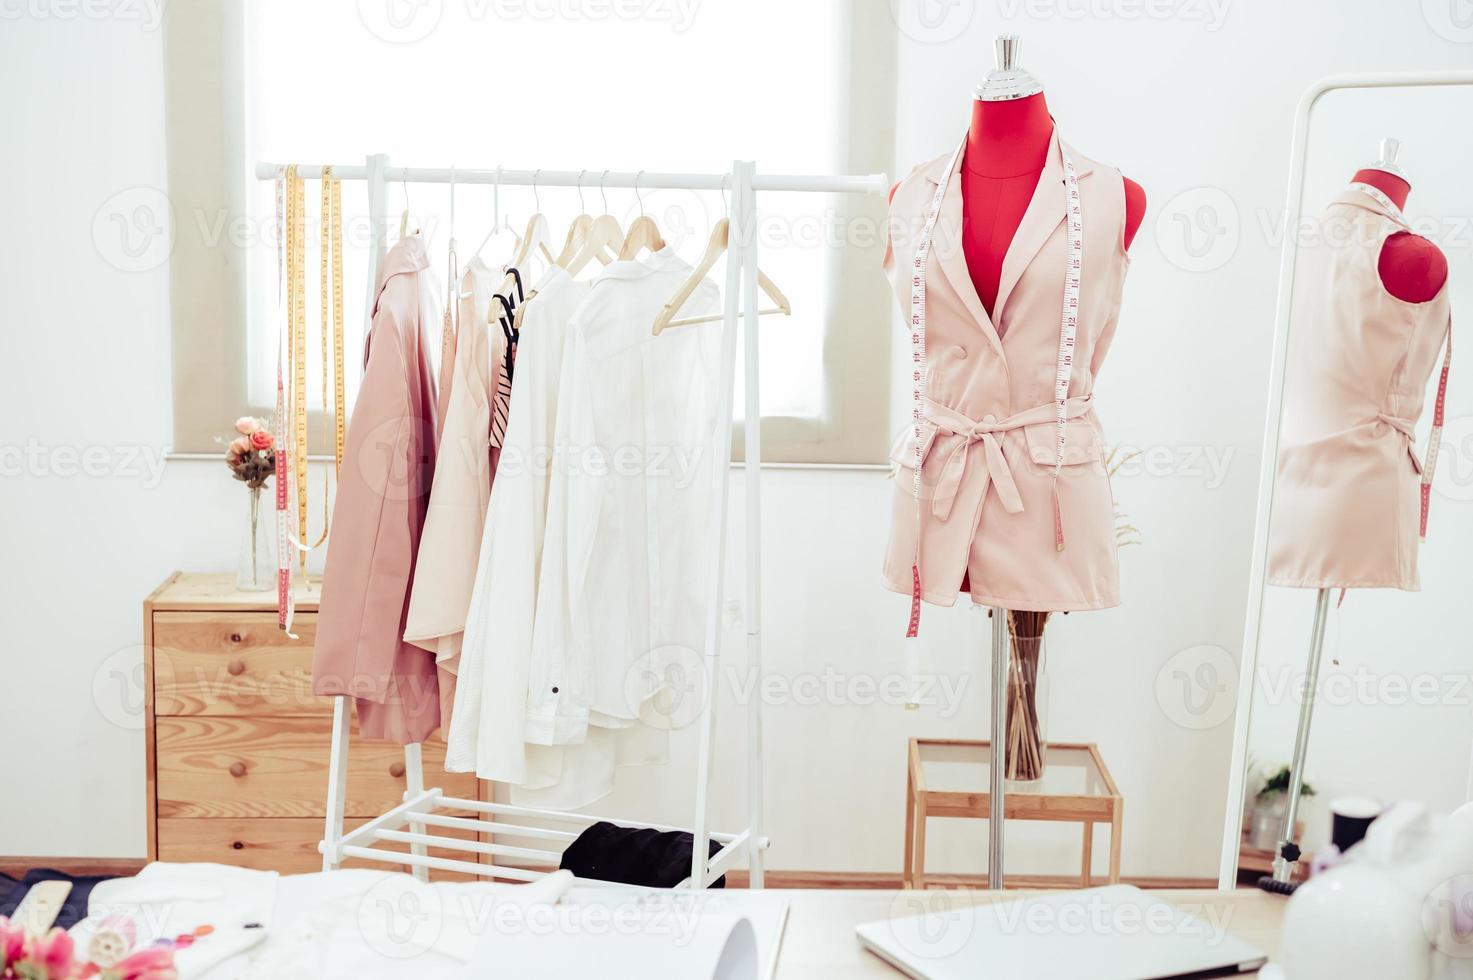 workshop de estúdio showroom de designer de moda foto